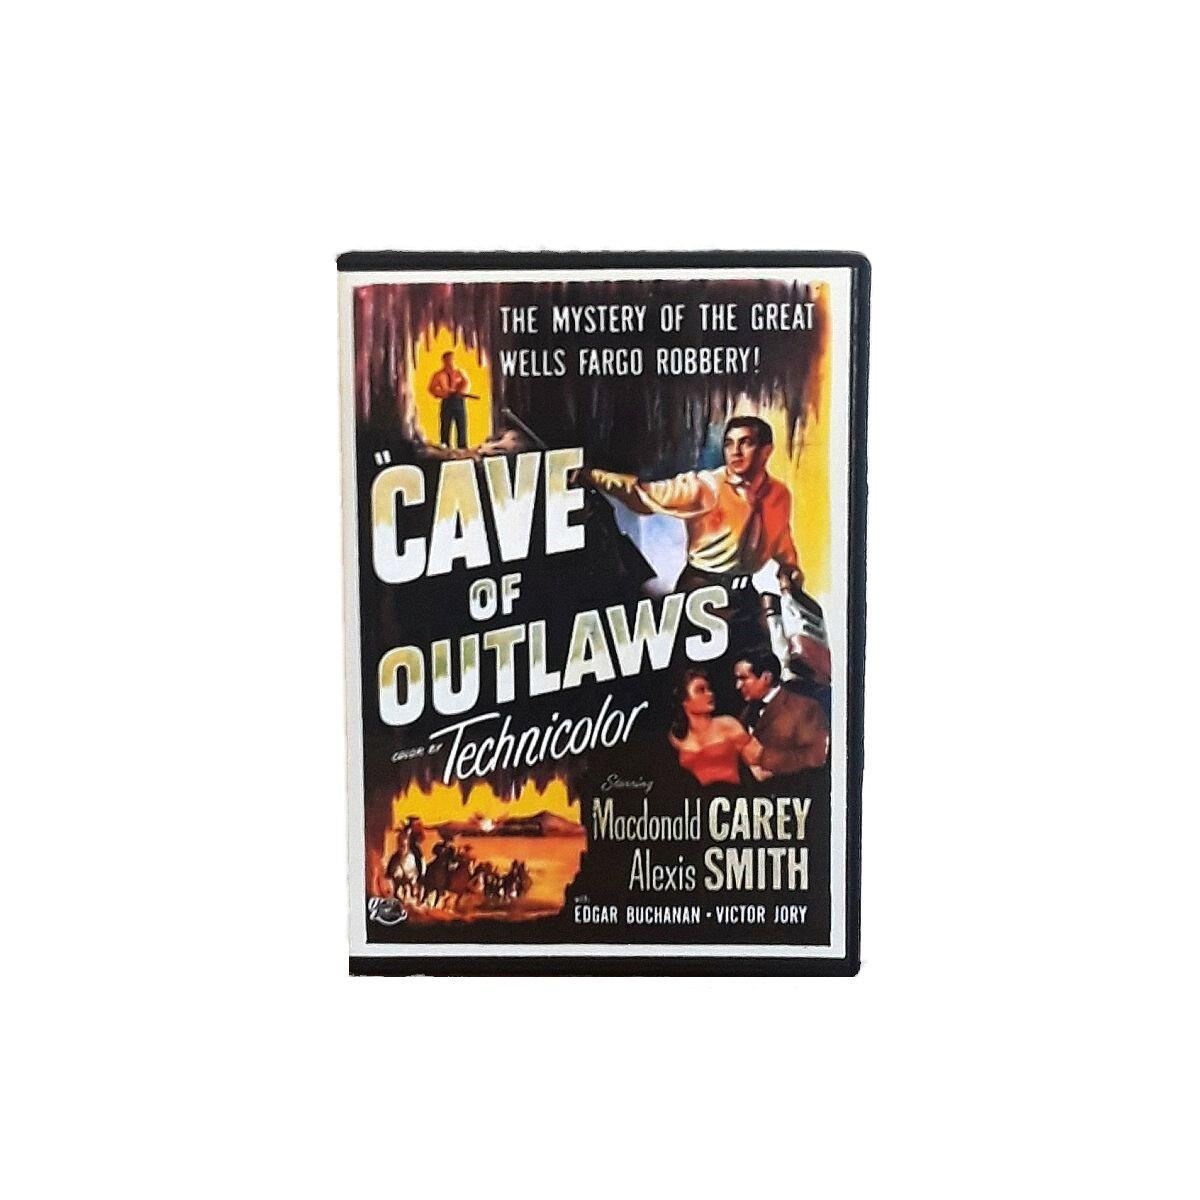 Cave of Outlaws 1951 Macdonald Carey Action Drama